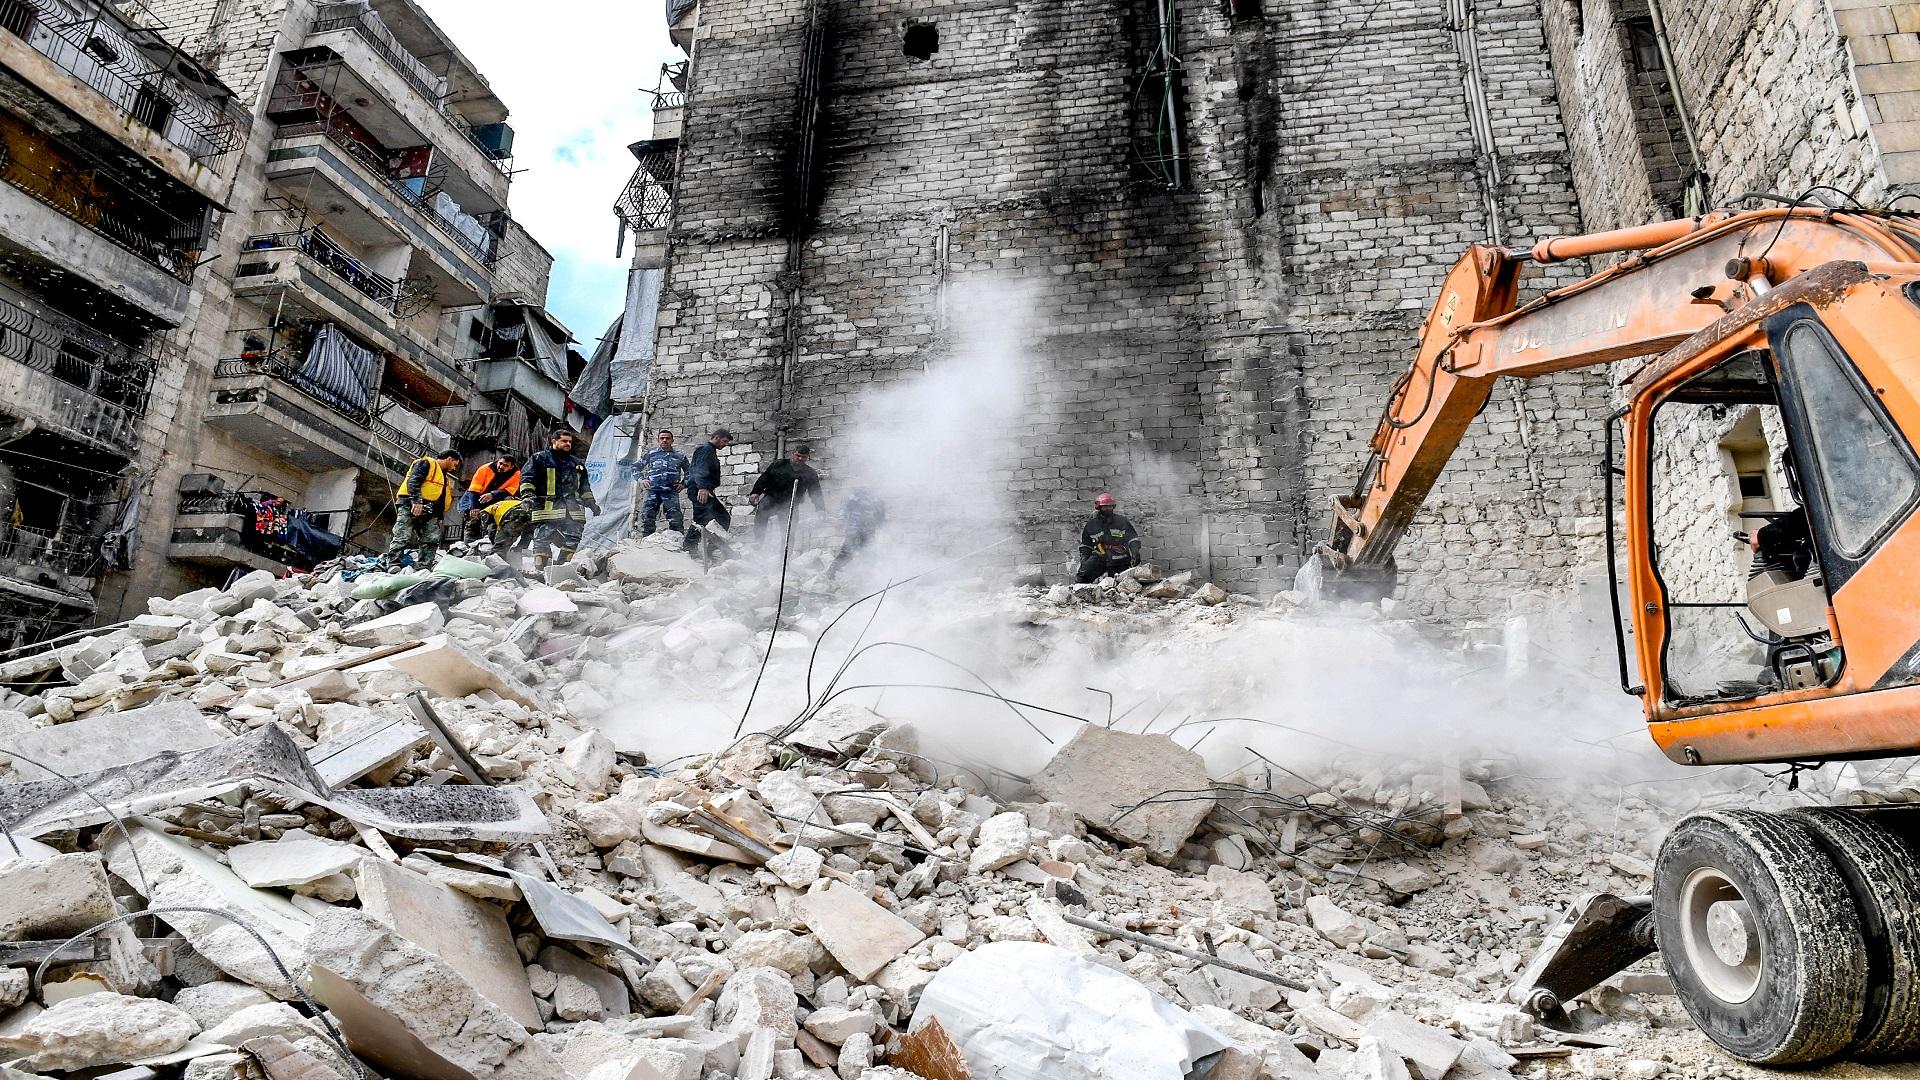 صورة مع قدوم الشتاء .. النظام يهدم منازل حلب ويشرد سكانها